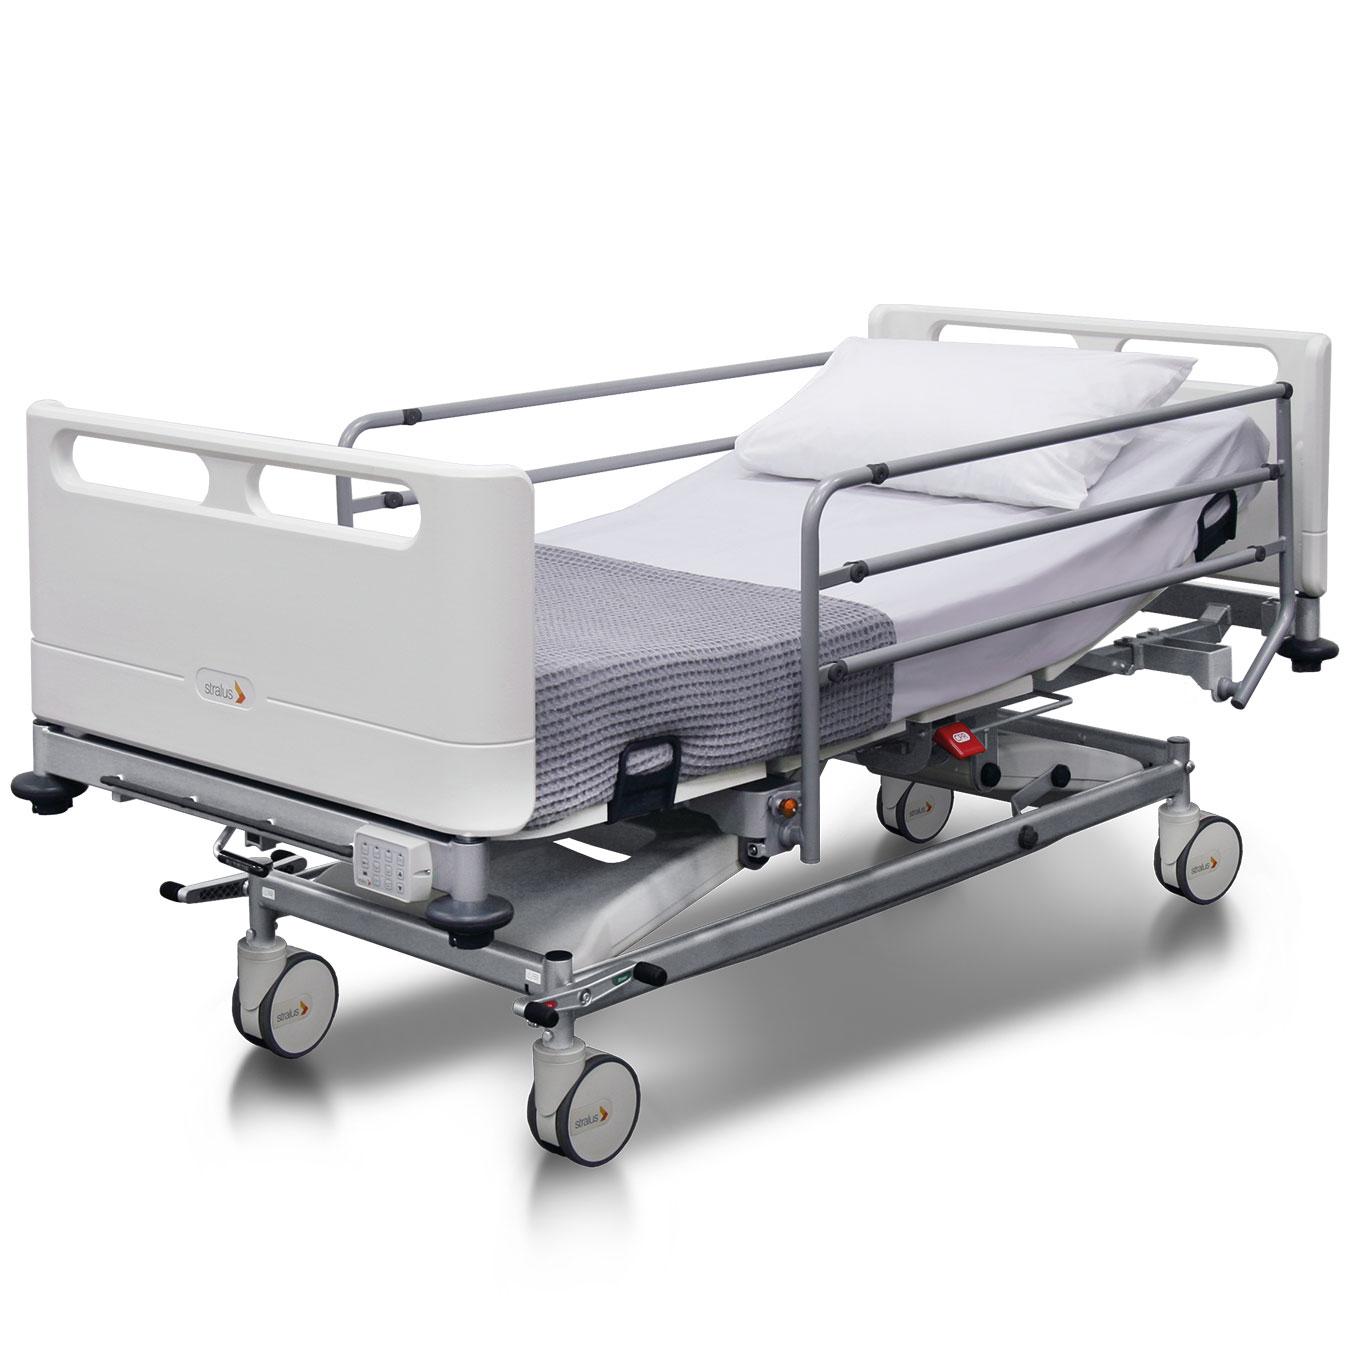 STRWARDC210-Stralus-C210-Acute-Care-Bed-Image-File-3_v1